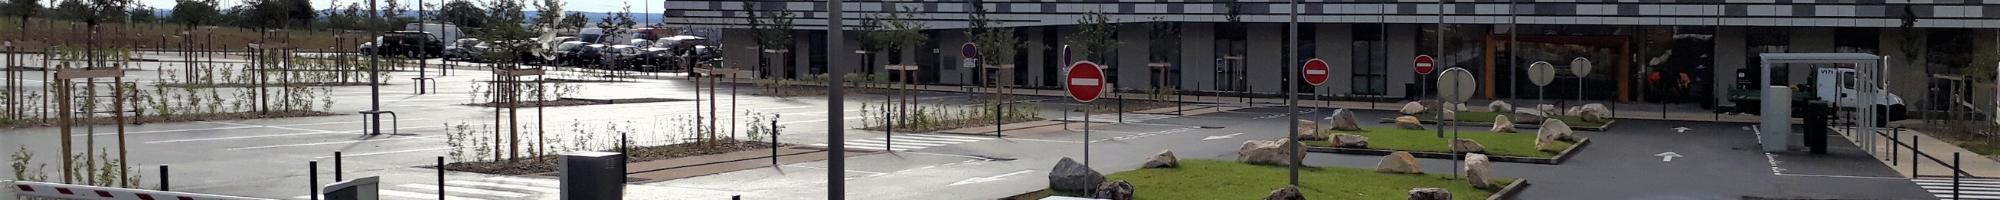 Bandeau - HPDB (2)